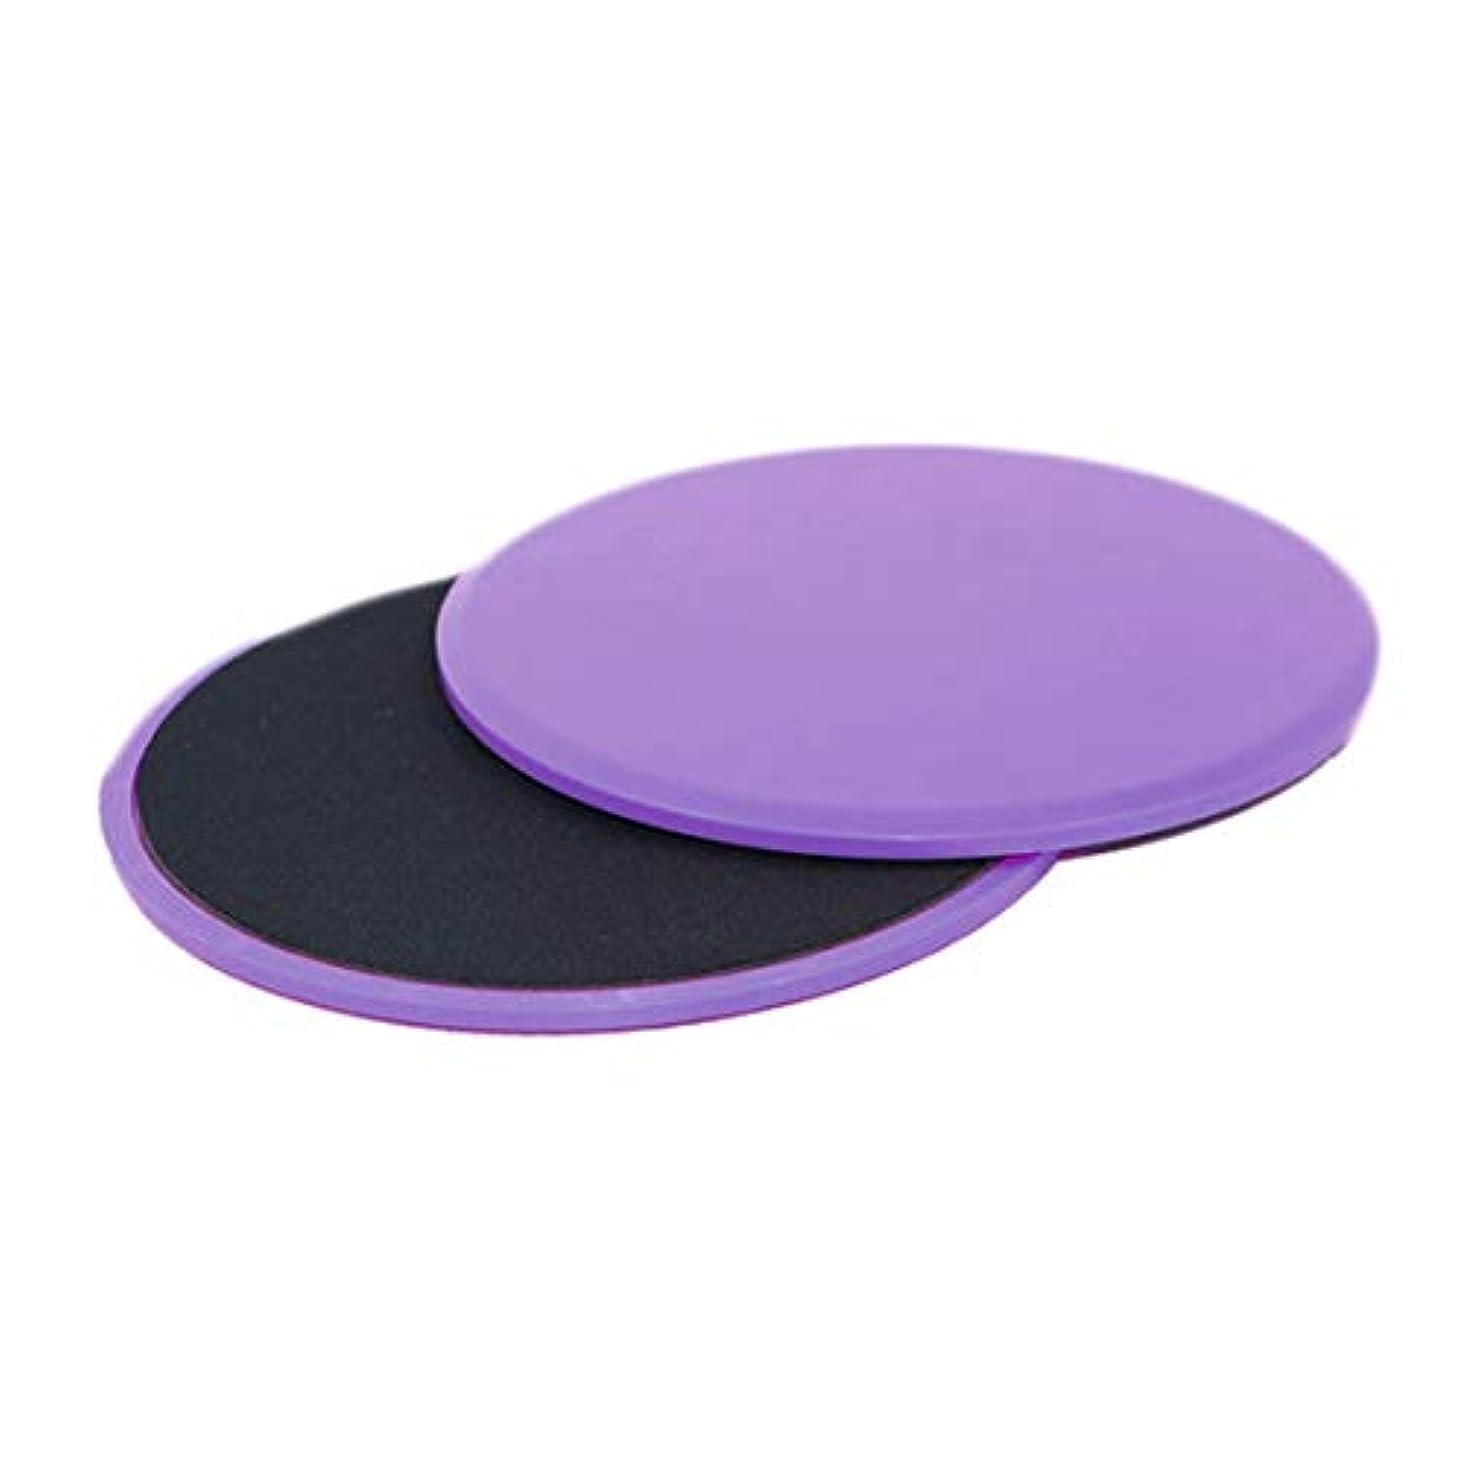 ルート代名詞アナログフィットネススライドグライディングディスク調整能力フィットネスエクササイズスライダーコアトレーニング腹部と全身トレーニング - パープル